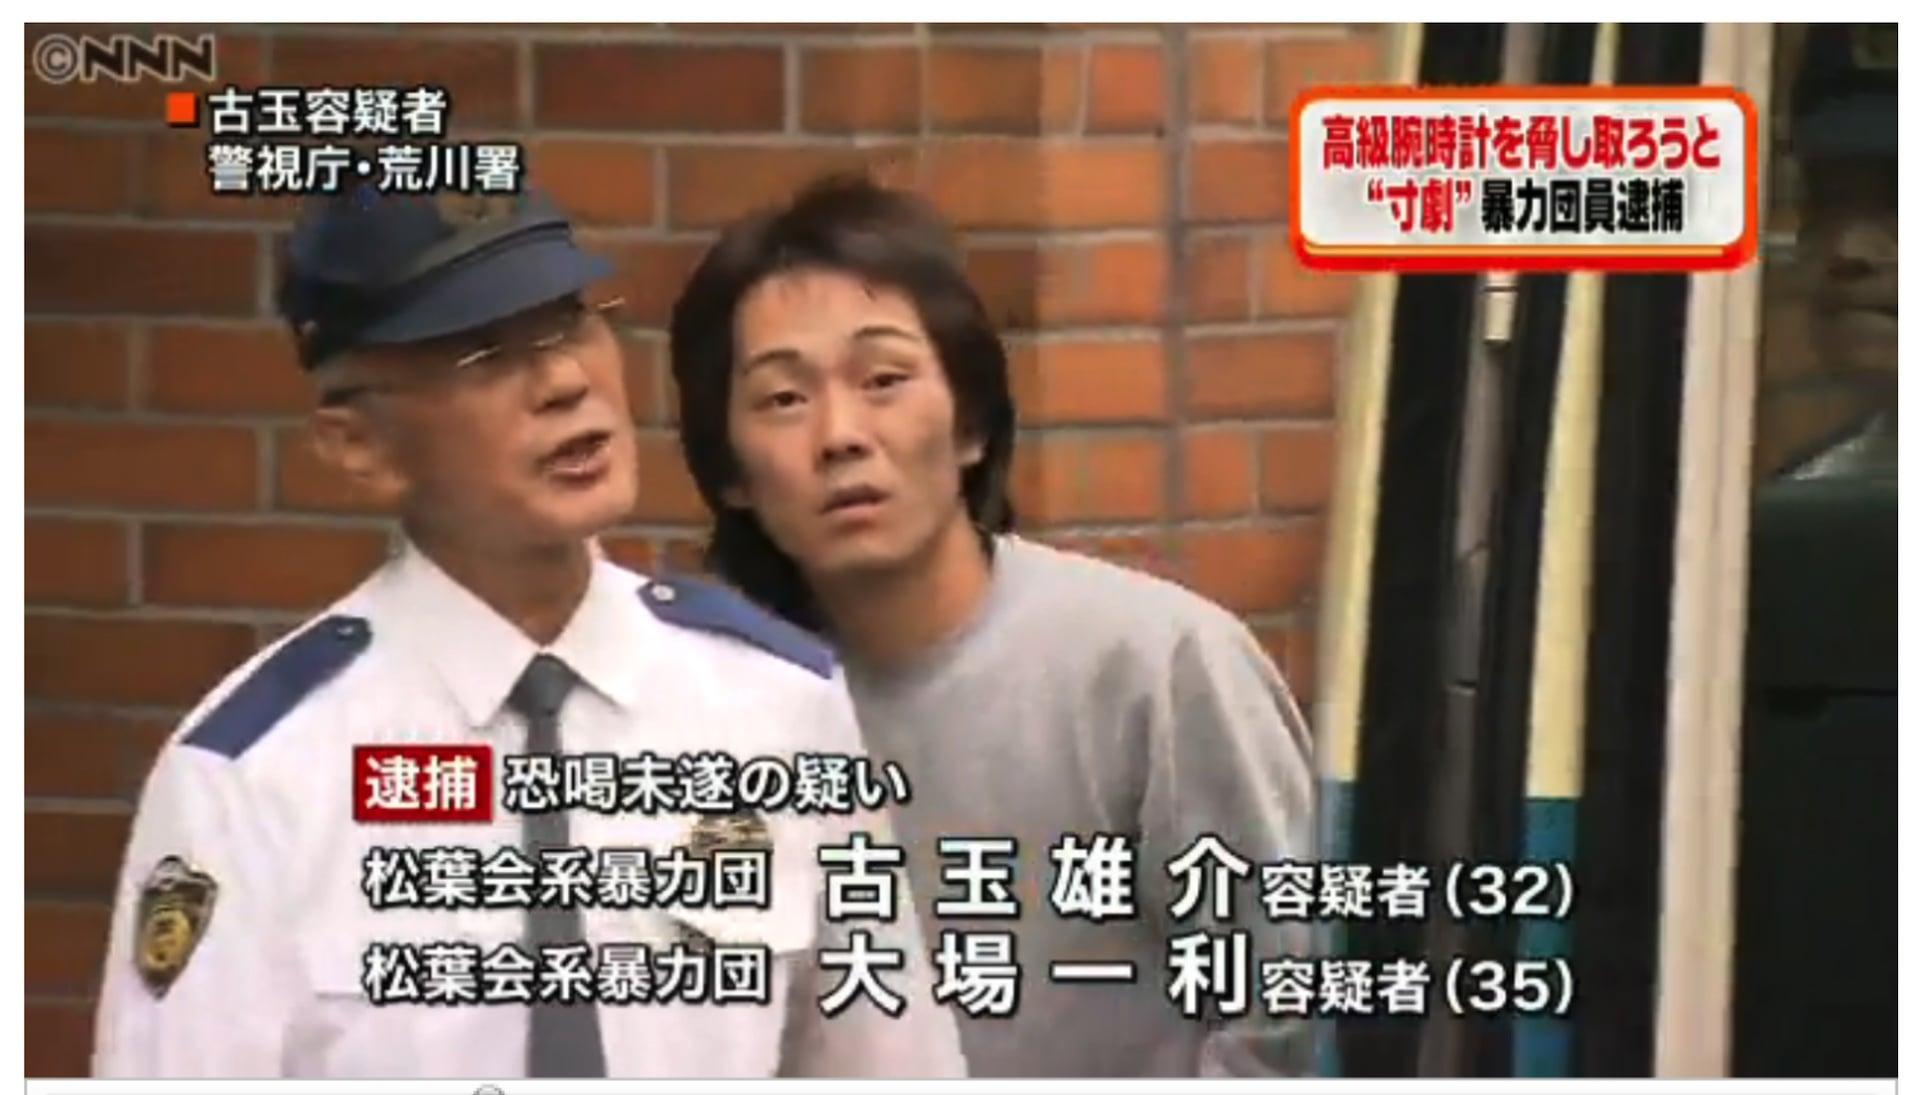 日本趣聞/高價網購貨到付款,黑道持槍打劫卻遭送貨員輕鬆奪槍 201610 Japan Police Gun News